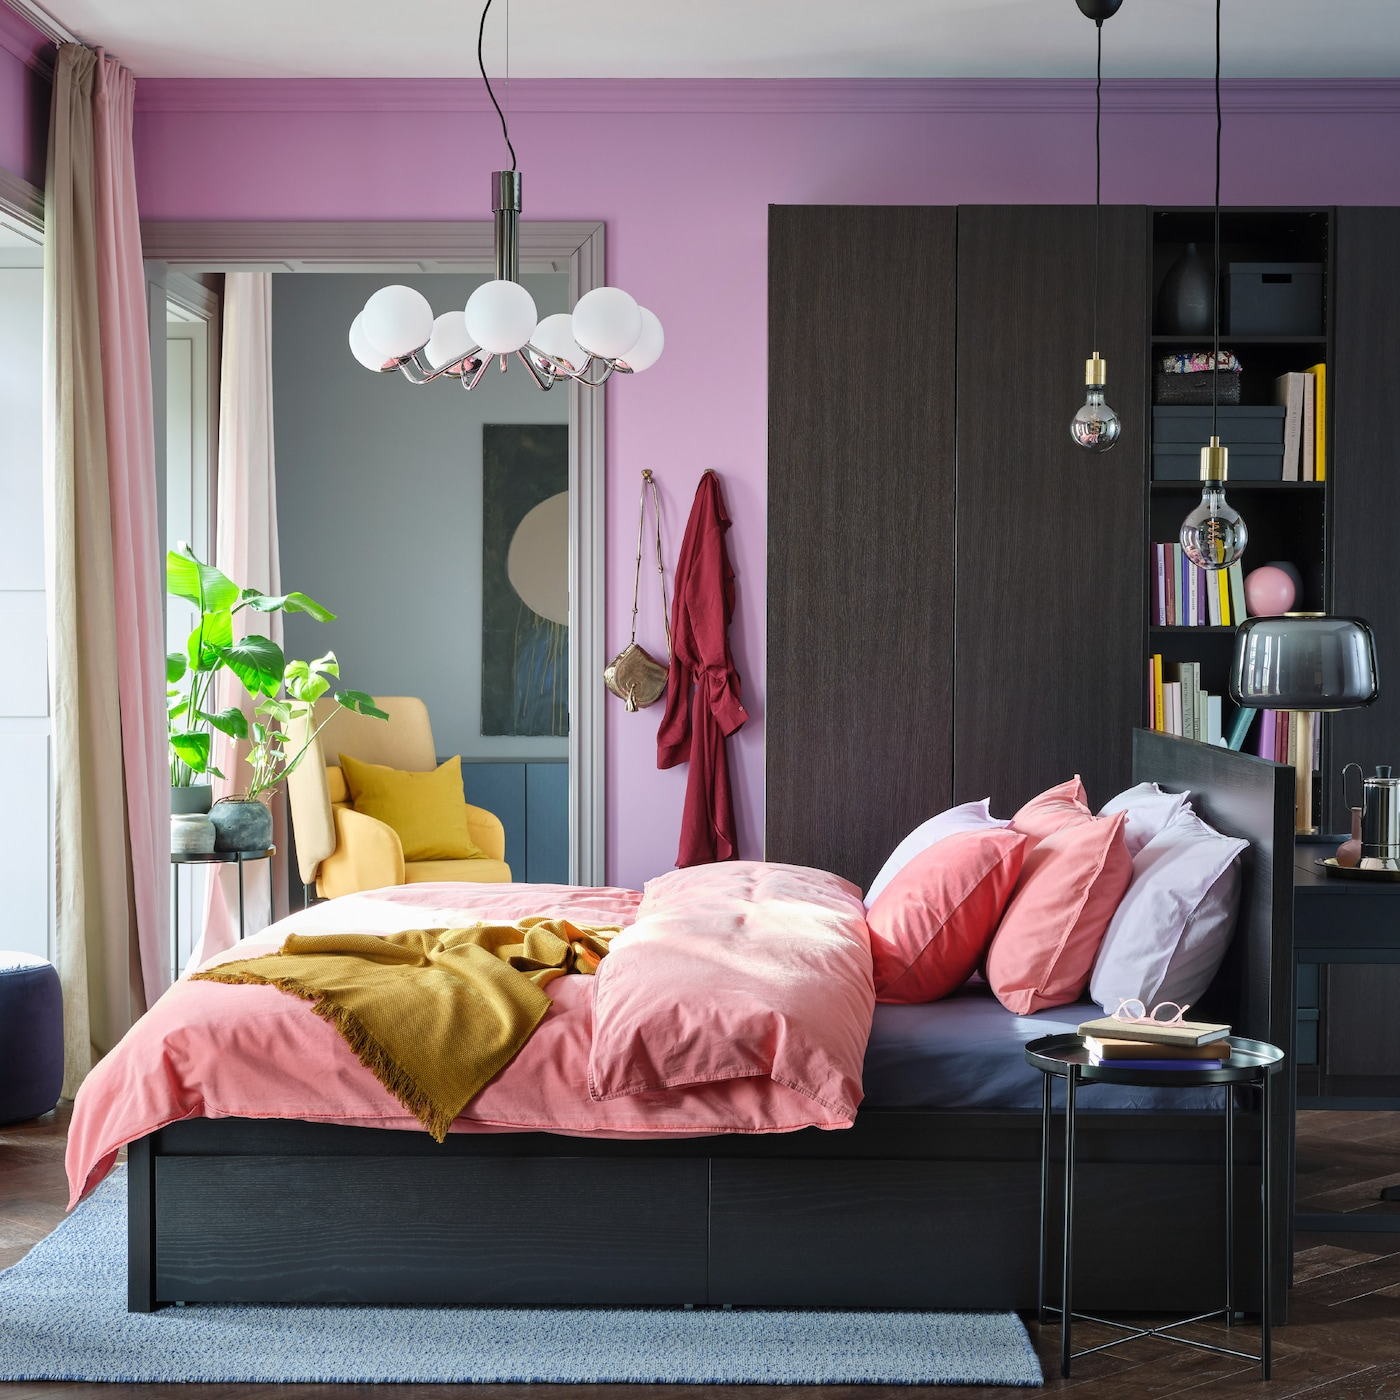 Aufregend Tapetes Ikea Galerie Von Wohndesign Dekoration